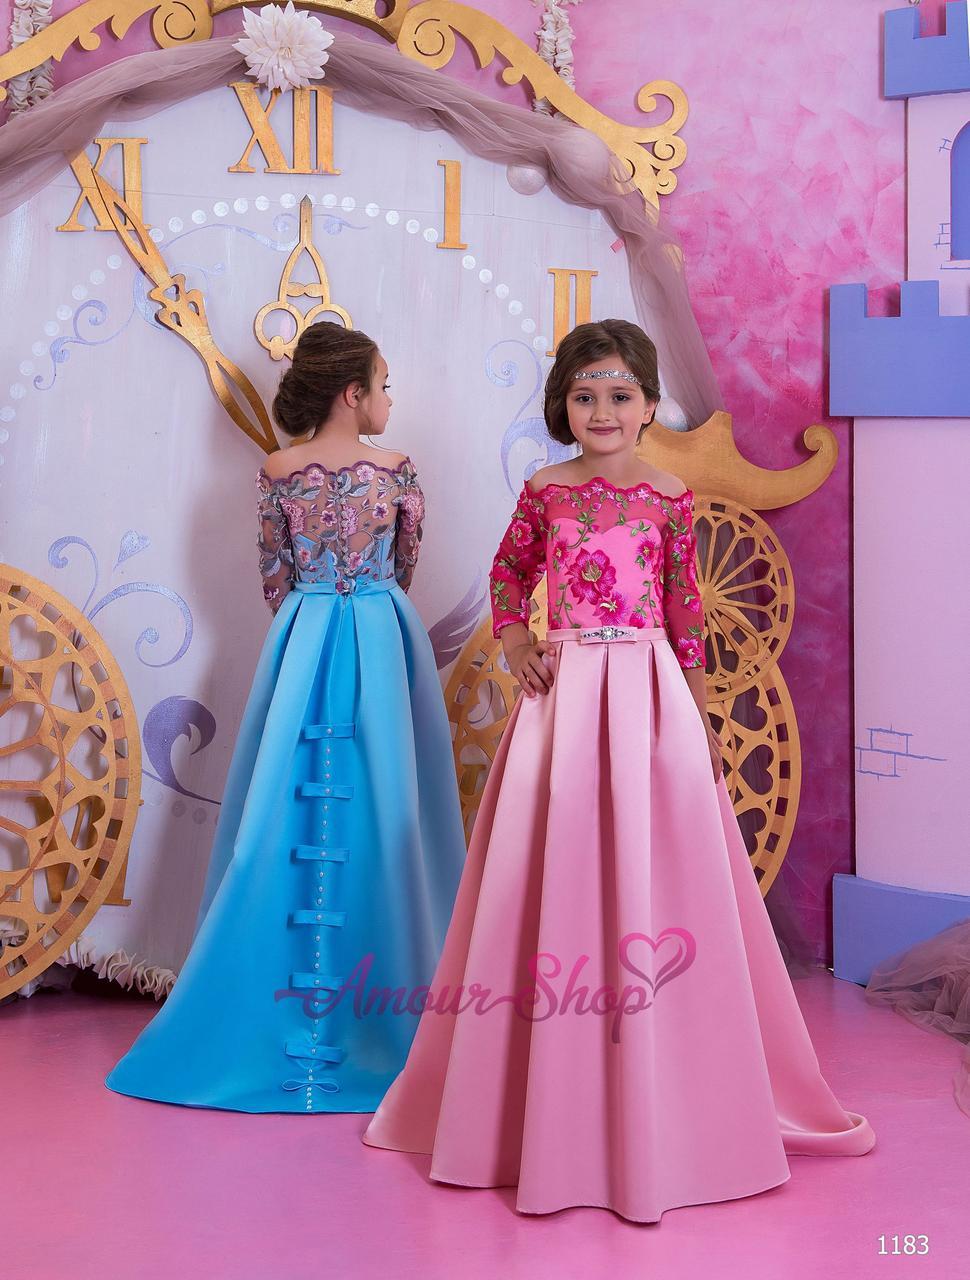 Дитяче нарядне плаття на дівчинку 4,5,6,7,8,9,10,11 років (випускний, в садочок, 4 клас), 1183